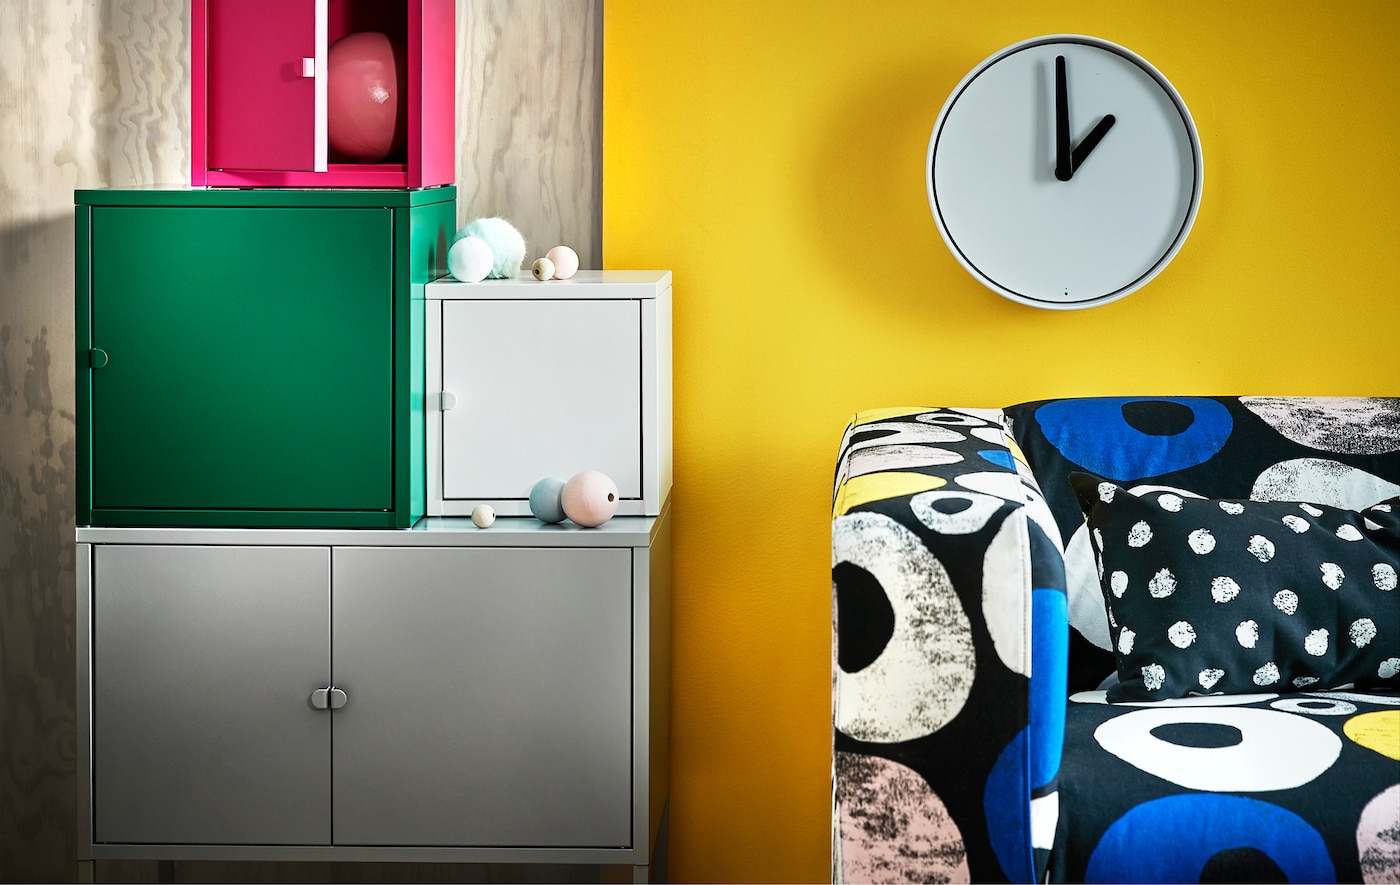 Finde heraus, wie du farbenfrohe Drucke, heisse Farbtöne und Farbblöcke kombinieren kannst. Die Trends diesen Frühling drehen sich alle um bunte Inneneinrichtung. Warum also nicht LIXHULT Schränke mit einem unserer fröhlichen Bezüge für KLIPPAN Sofa kombinieren?